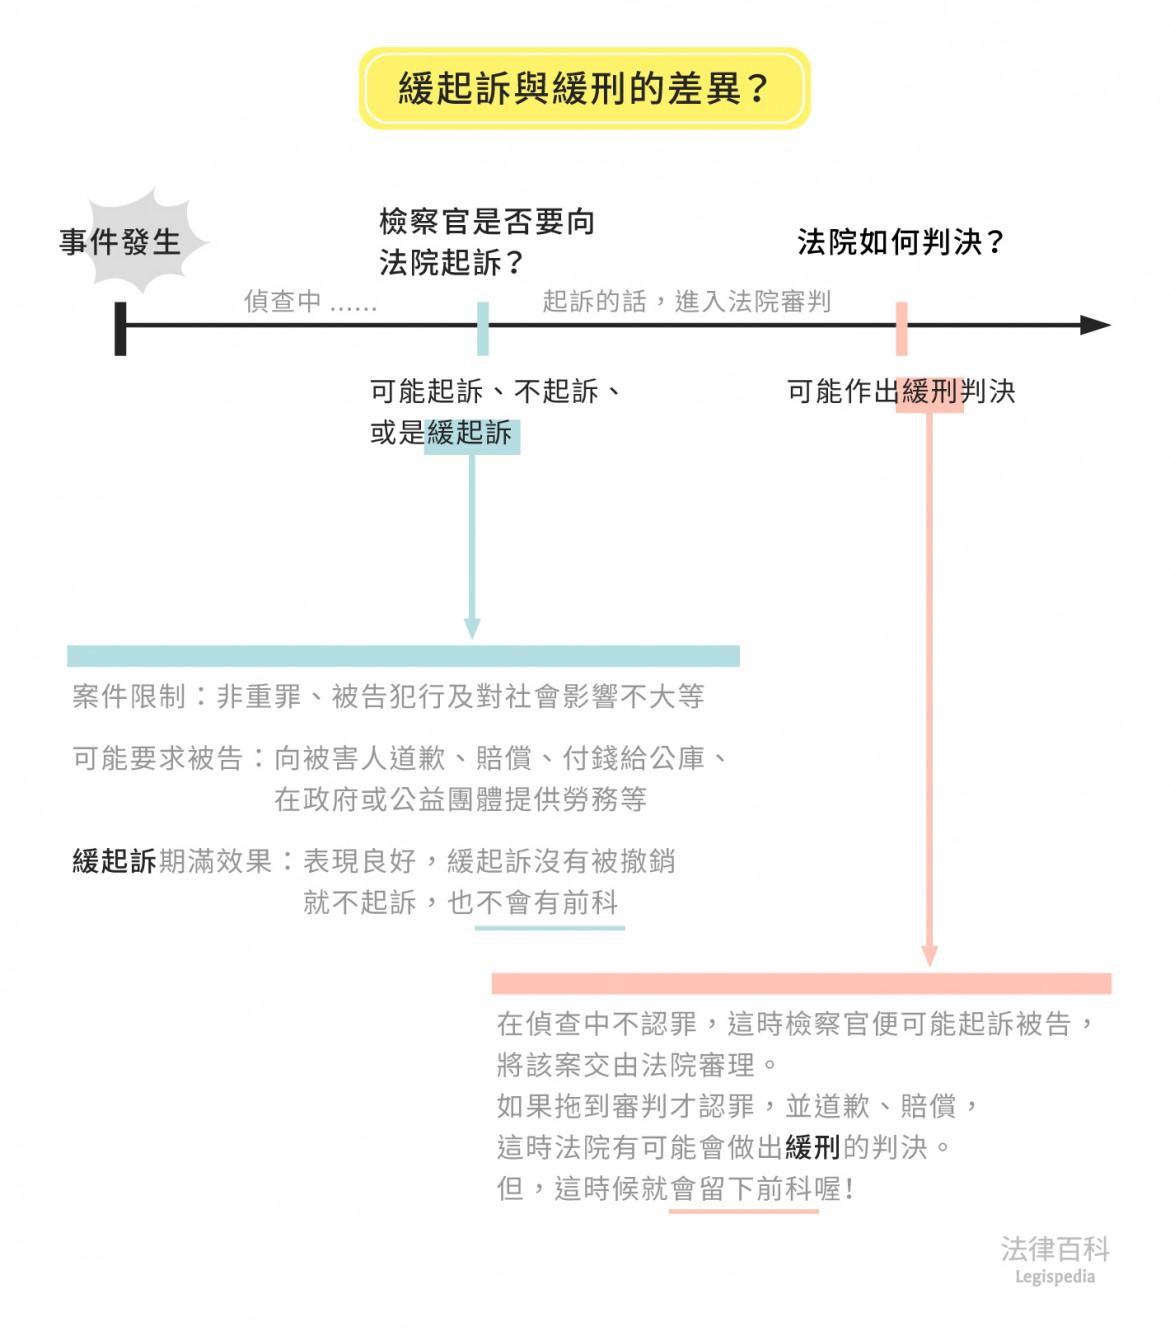 圖1 緩起訴與緩刑的差異?||資料來源:喬正一 / 繪圖:Yen